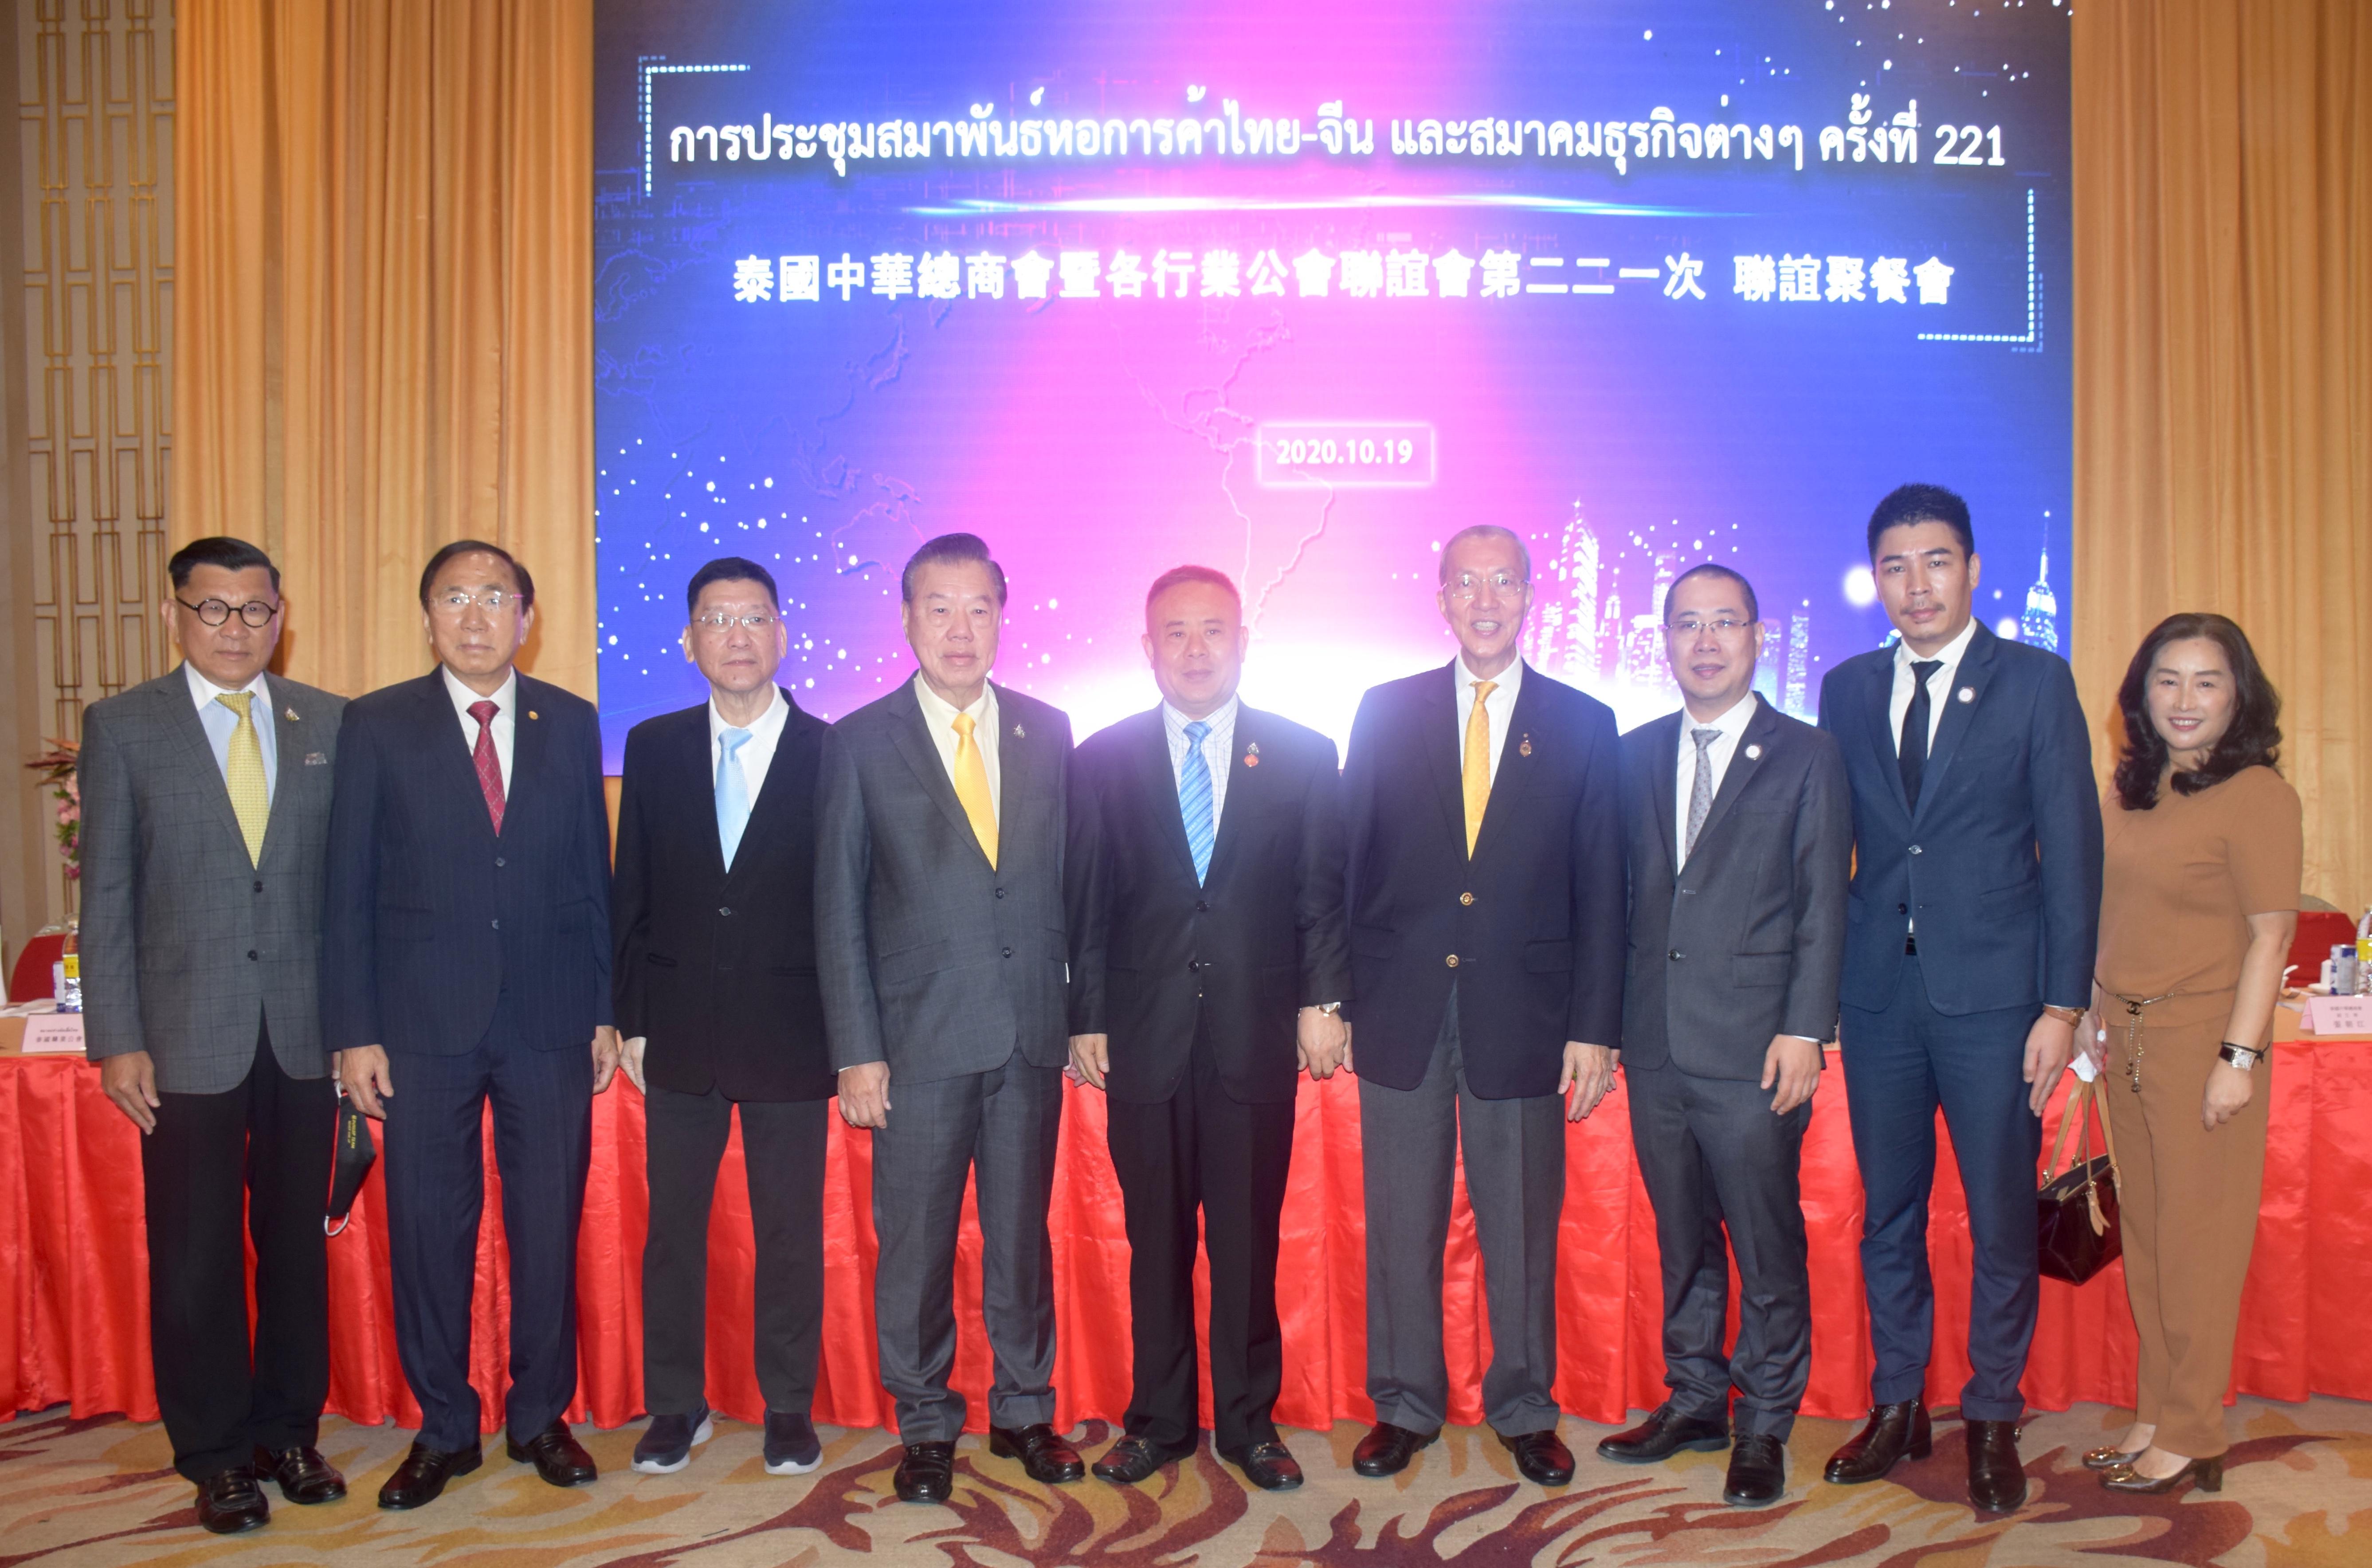 泰国中华总商会暨各行业公会联谊会举行第221次聚餐联谊会